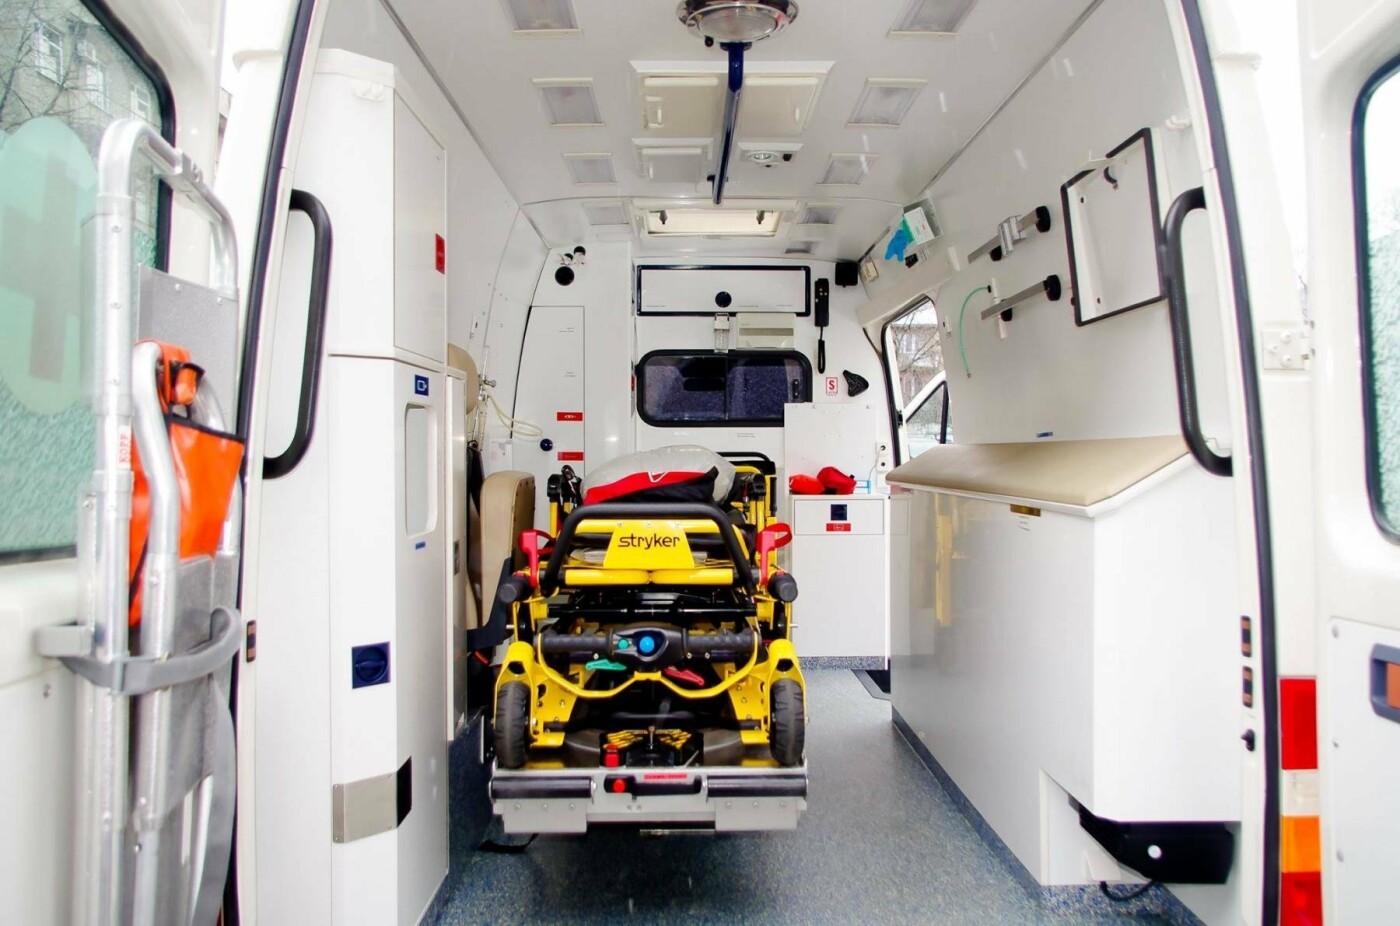 Міські рятувальники отримали сучасний реанімобіль. ФОТО, фото-4